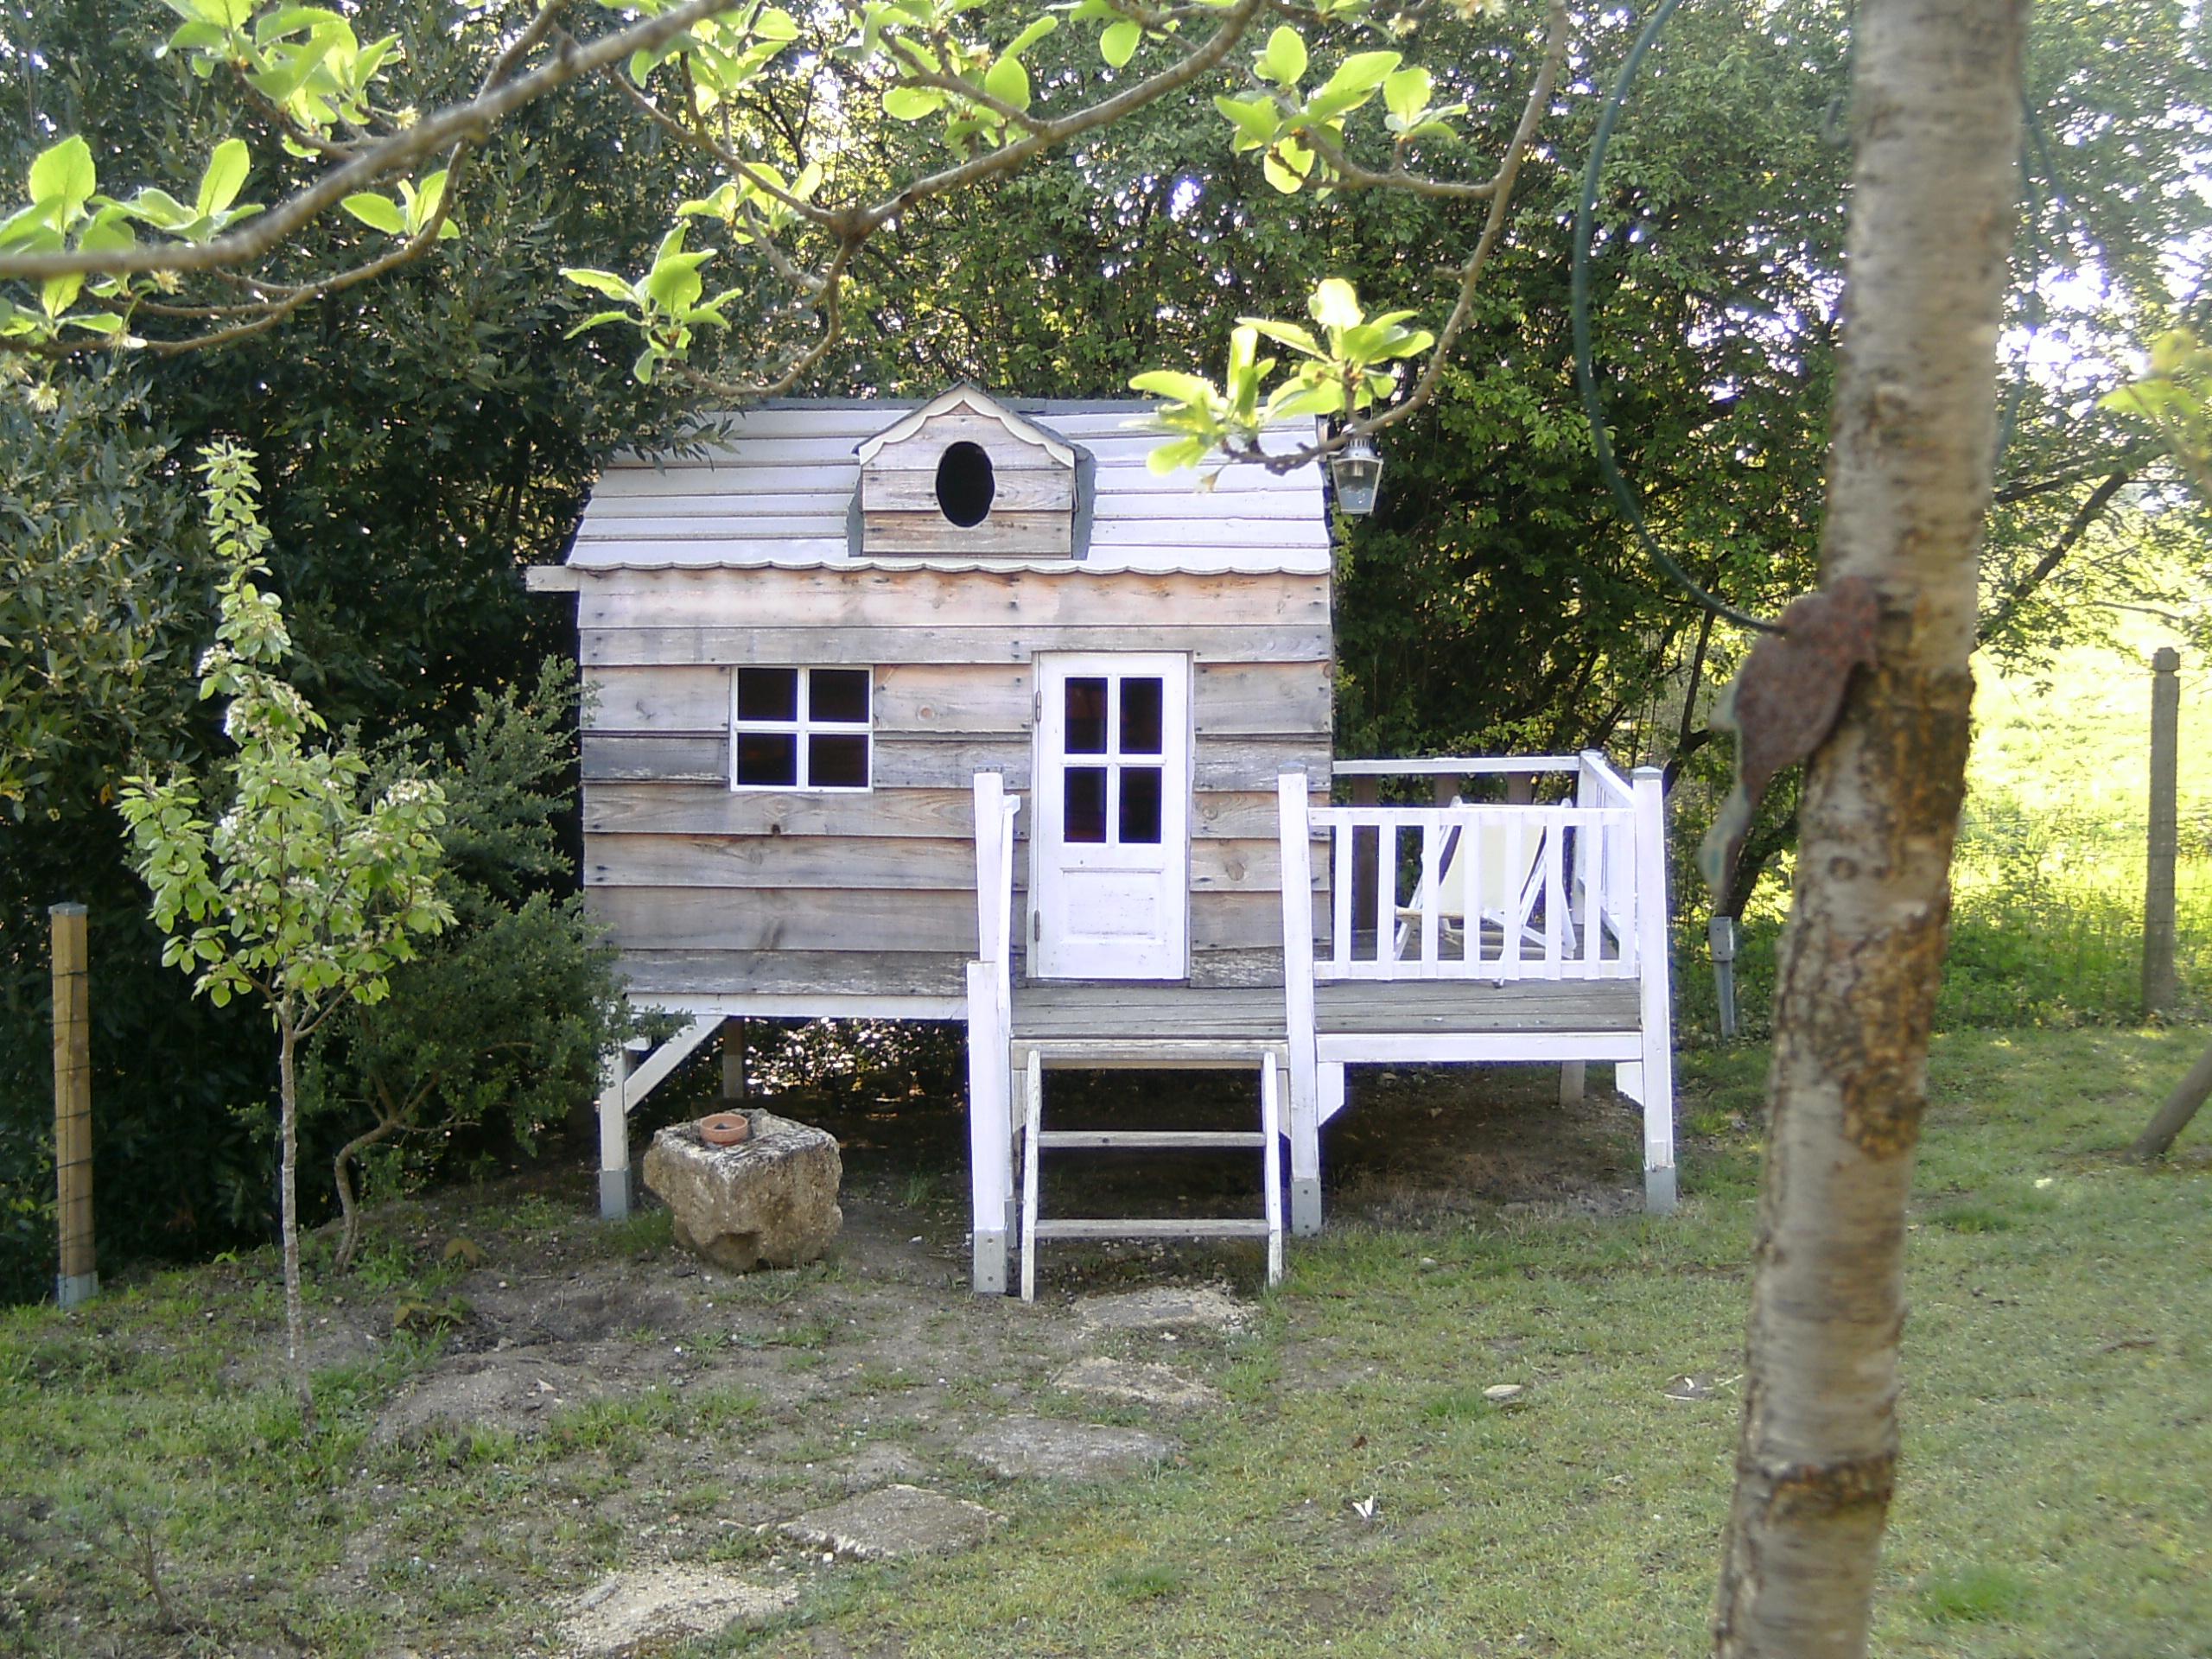 30 Cabanes Pour Les Enfants   Diaporama Photo destiné Cabanne Jardin Enfant